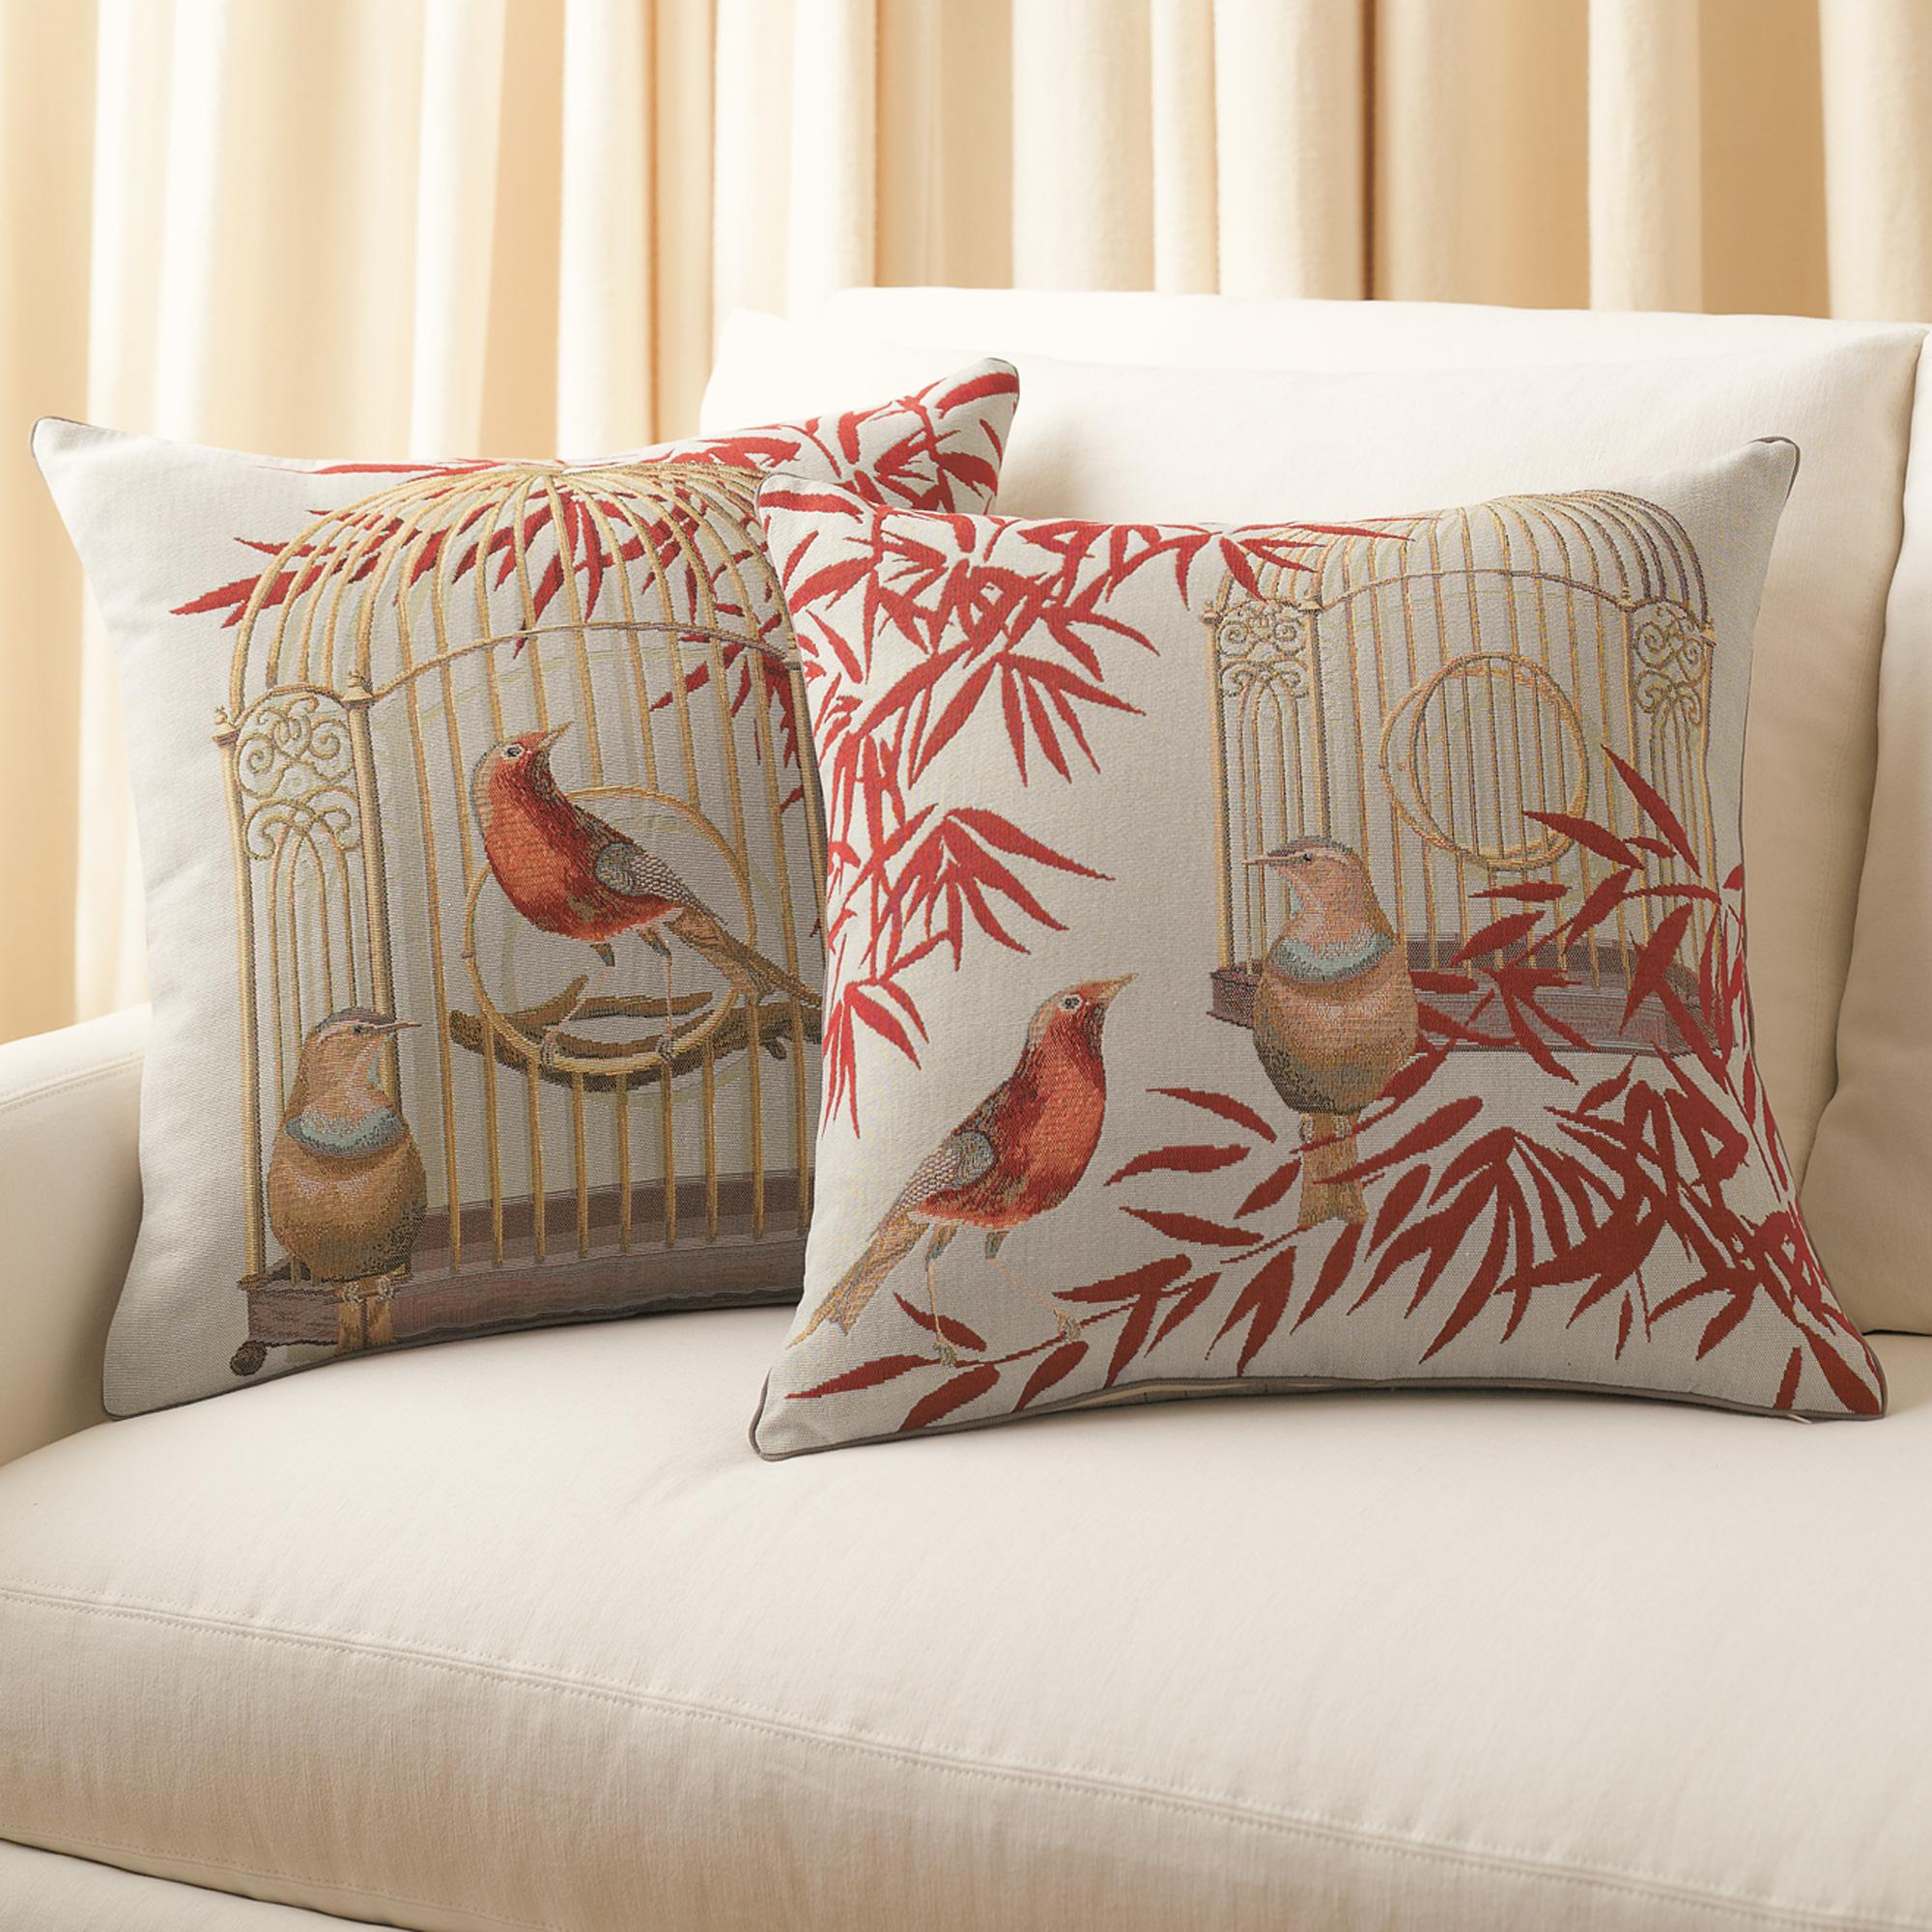 Throw Pillows Home : Birdcage Pillows Gump s